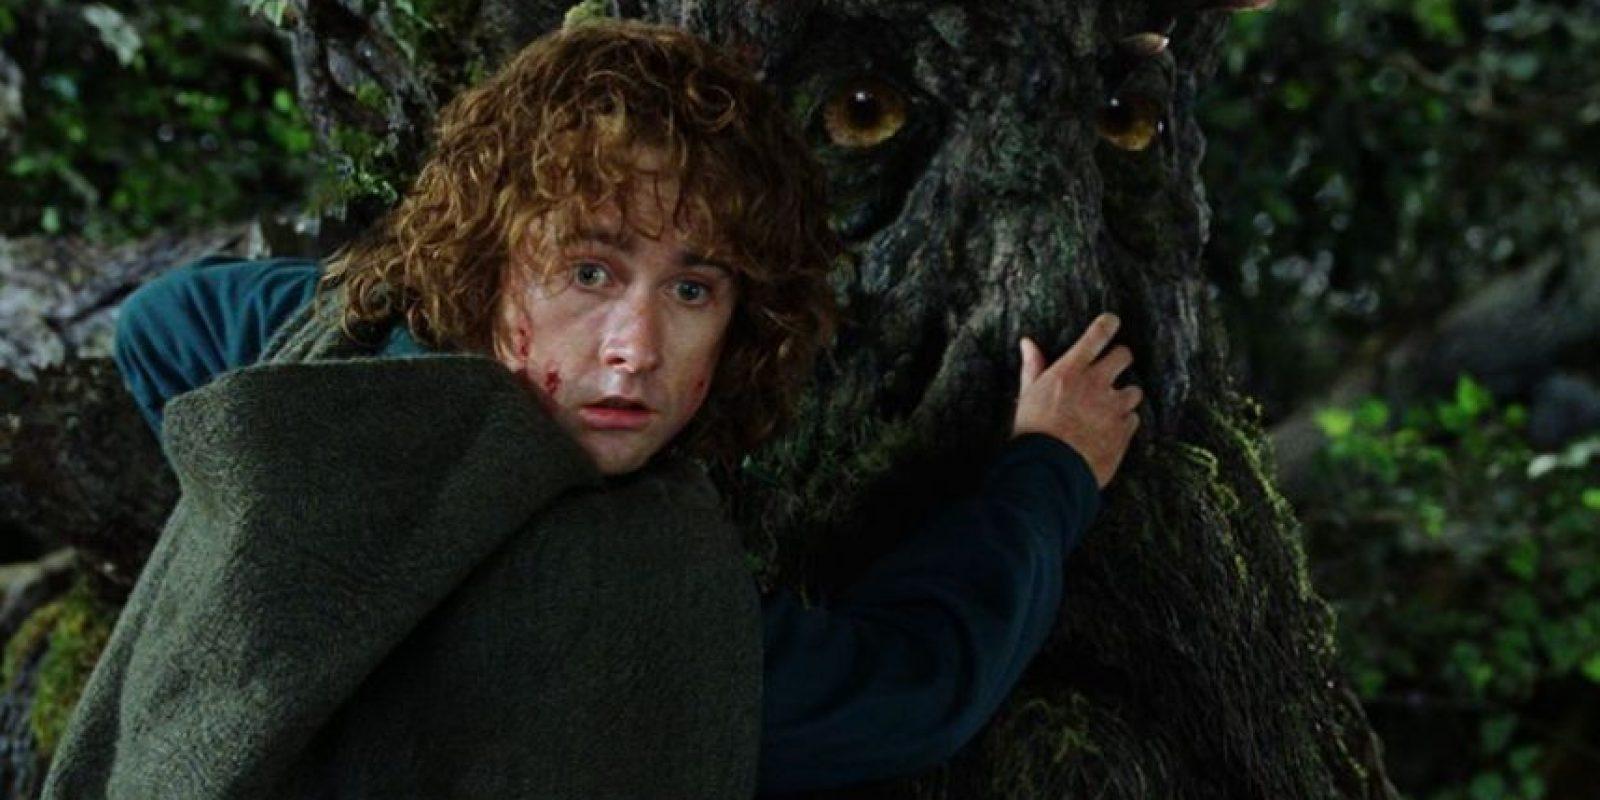 """Interpretó a """"Peregrin Tuk"""", buen amigo de """"Frodo"""" y """"Merry"""". Su curiosidad a veces enfadaba a los otros miembros de la """"Comunidad del Anillo"""" Foto:vía facebook.com/lordoftheringstrilogy"""